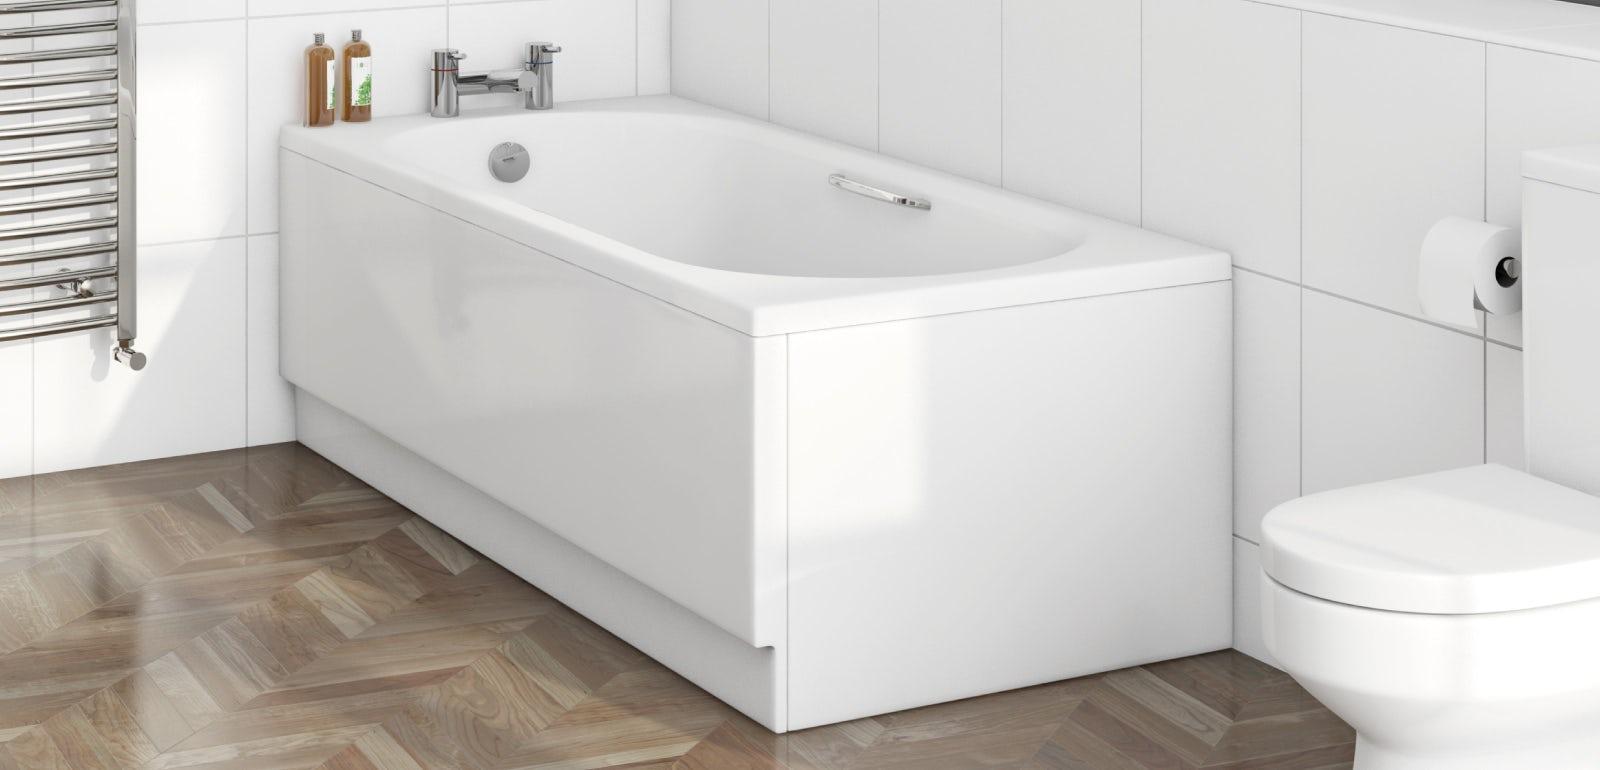 standard size bathroom - Denmar.impulsar.co